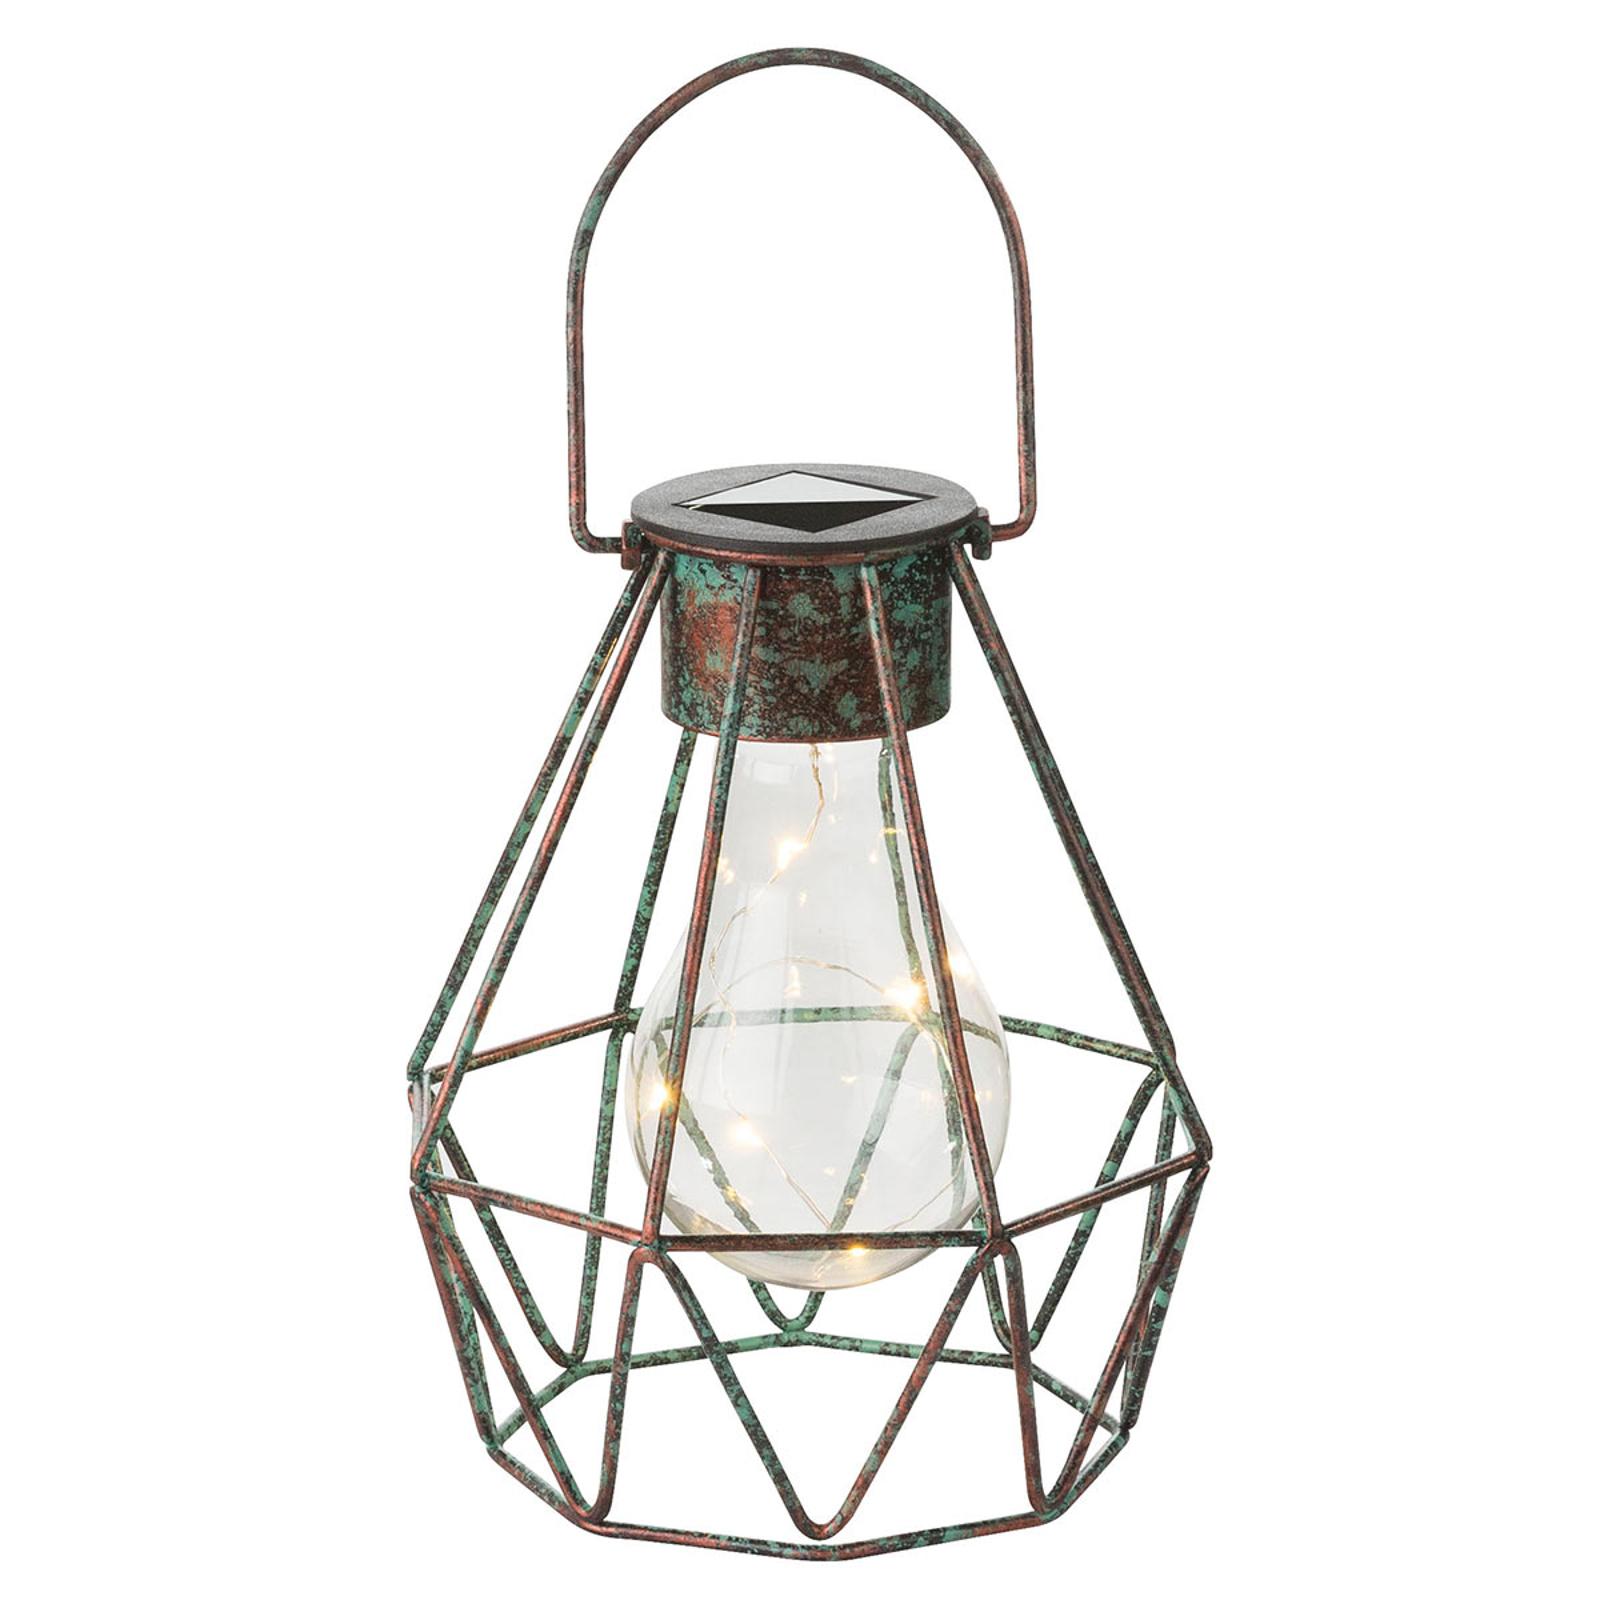 LED-dekorlampe Cage kan både settes og henges opp.